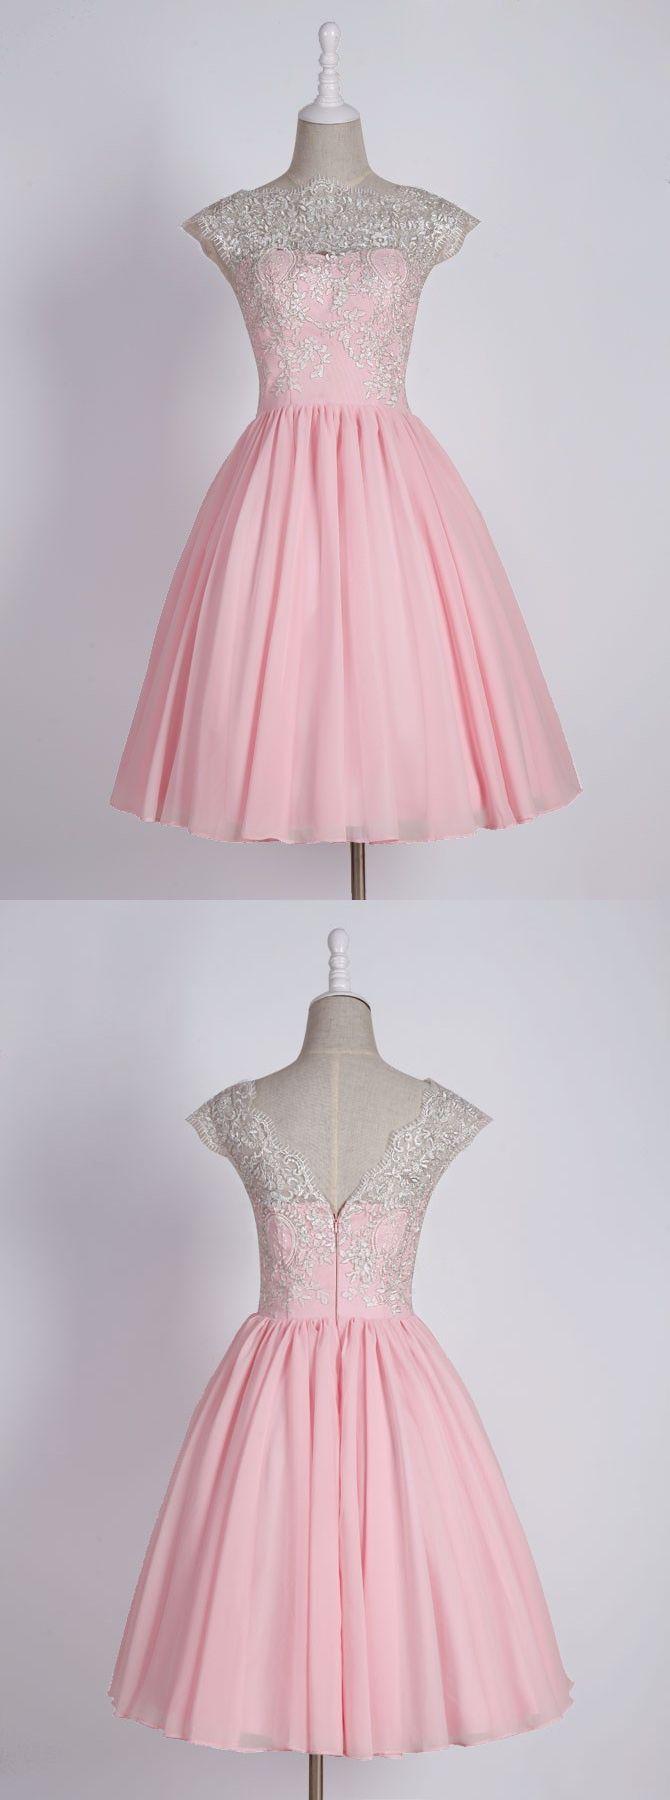 pink homecoming dresses,short homecoming dresses,lace homecoming dresses,cute homecoming dresses